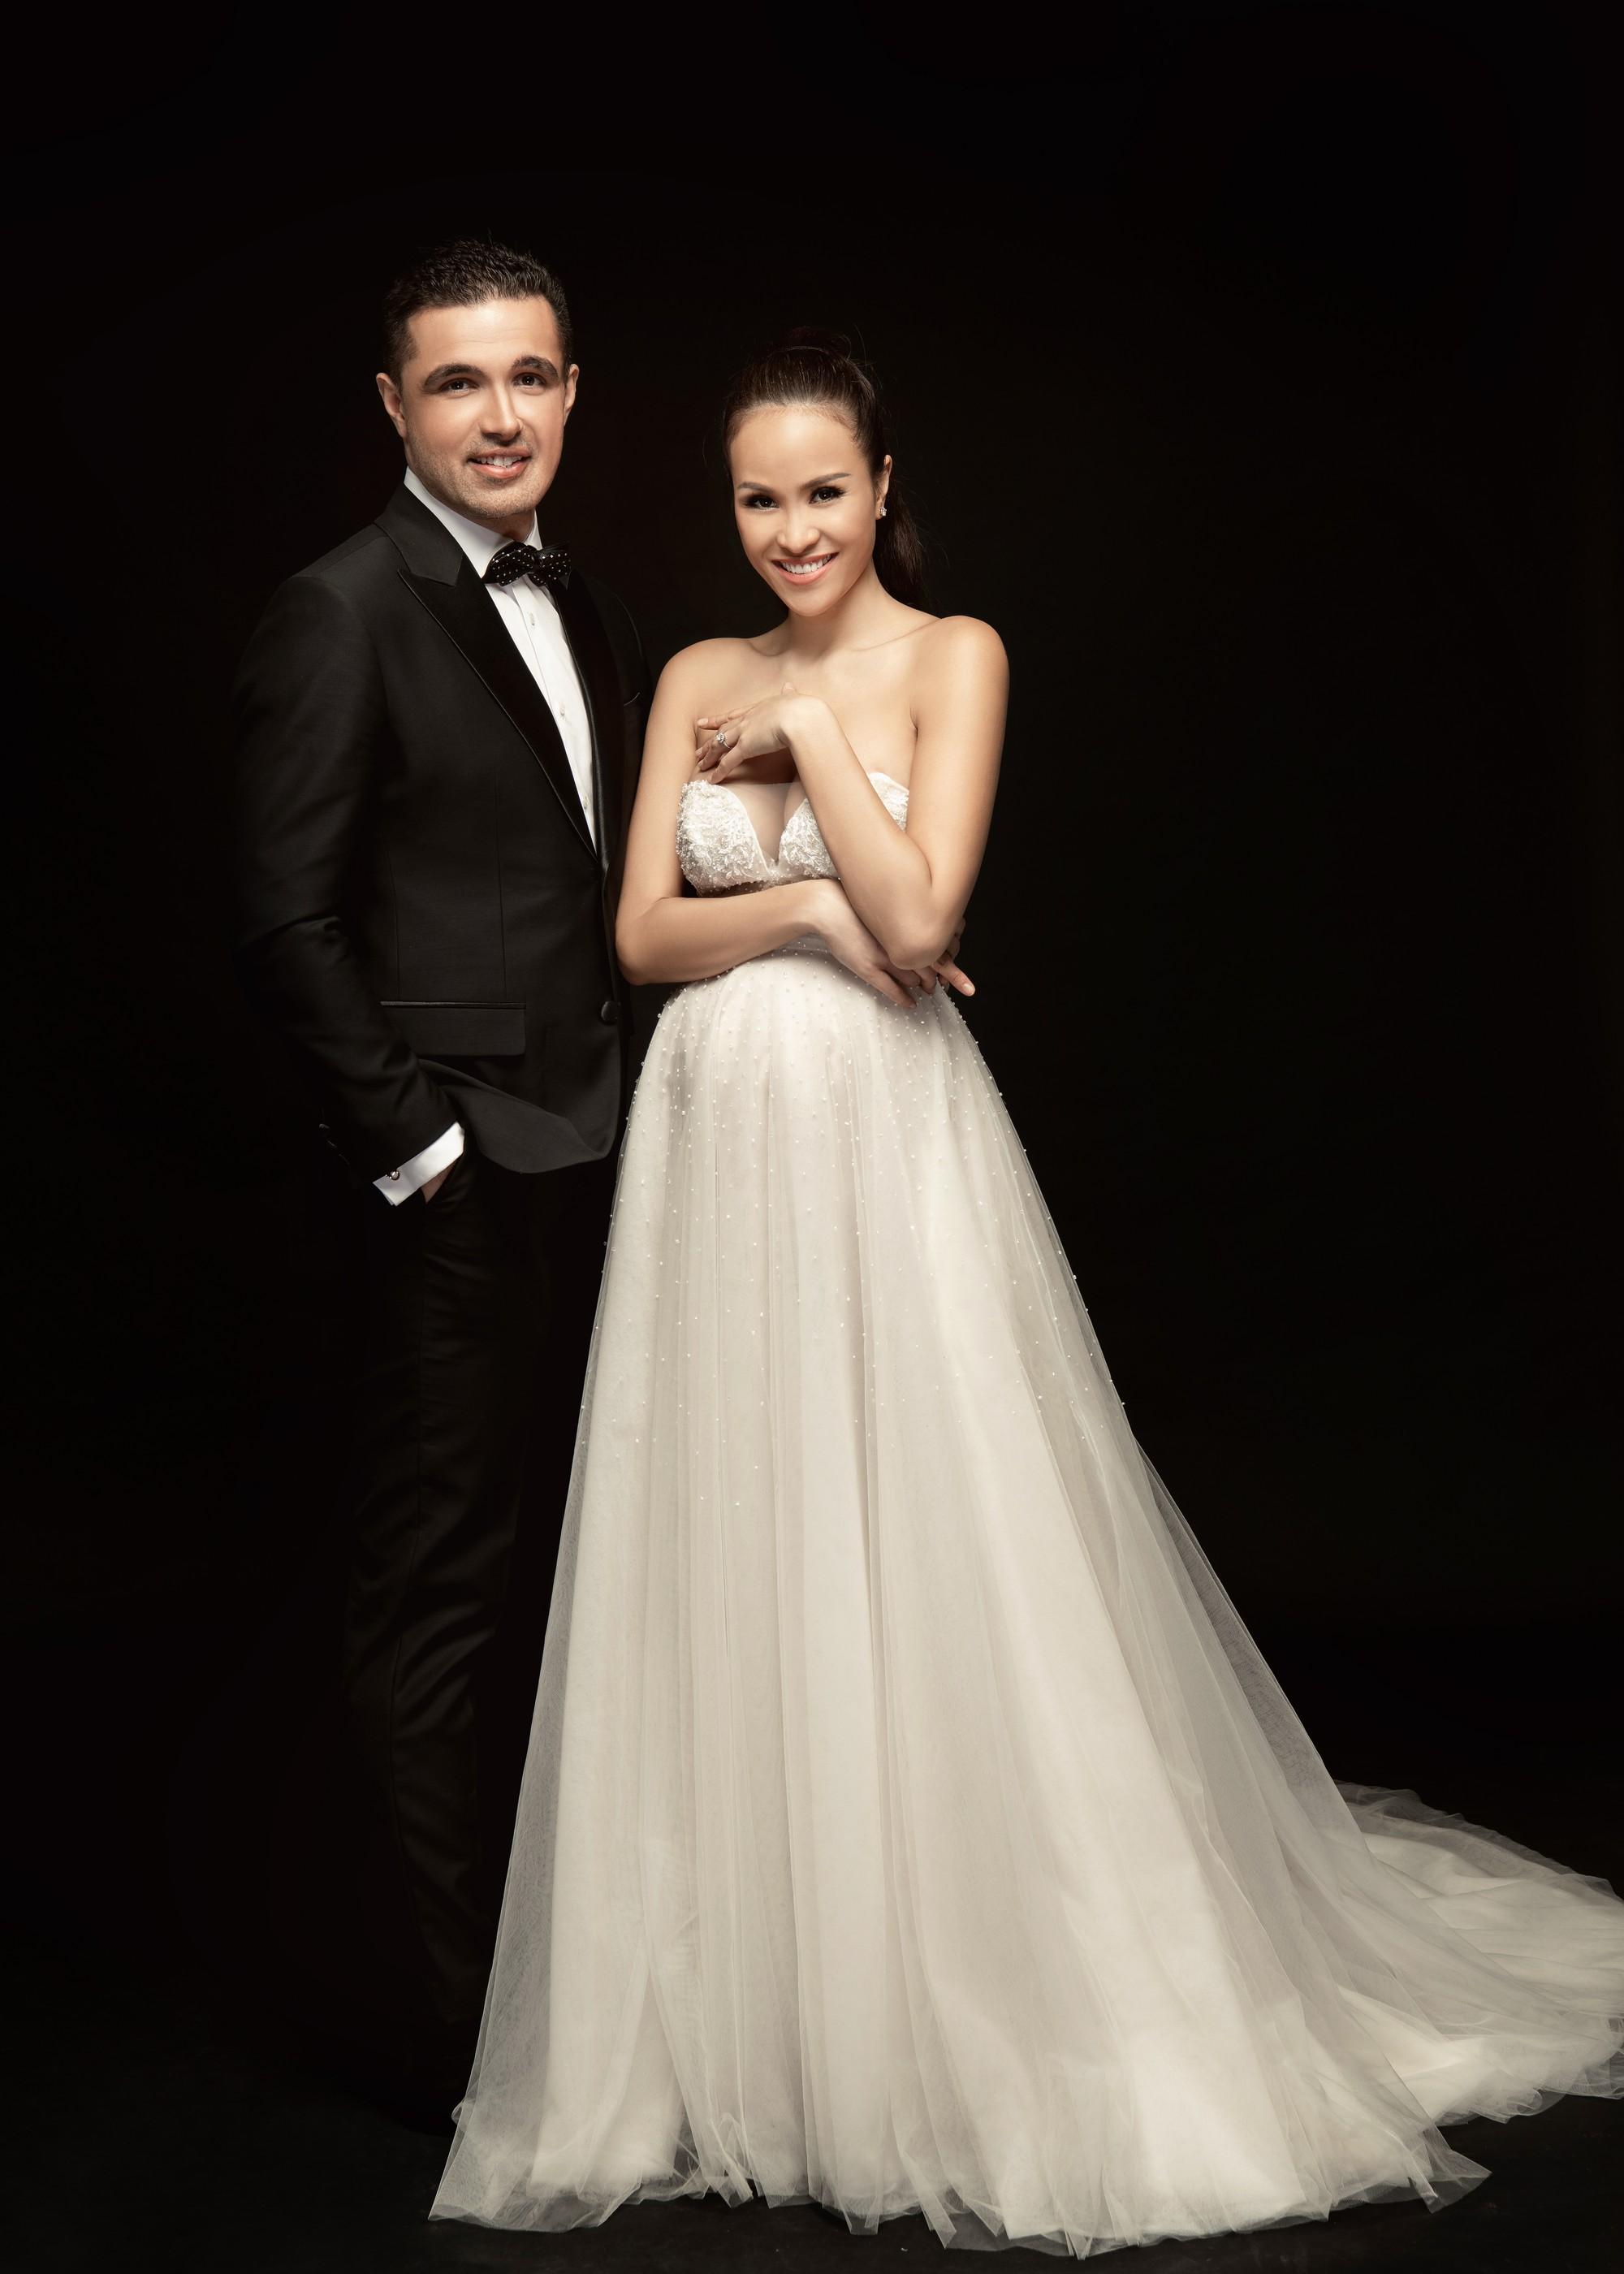 Trọn bộ ảnh cưới ngọt ngào đến tan chảy của Phương Mai và chồng Tây đẹp trai như tài tử - Ảnh 12.